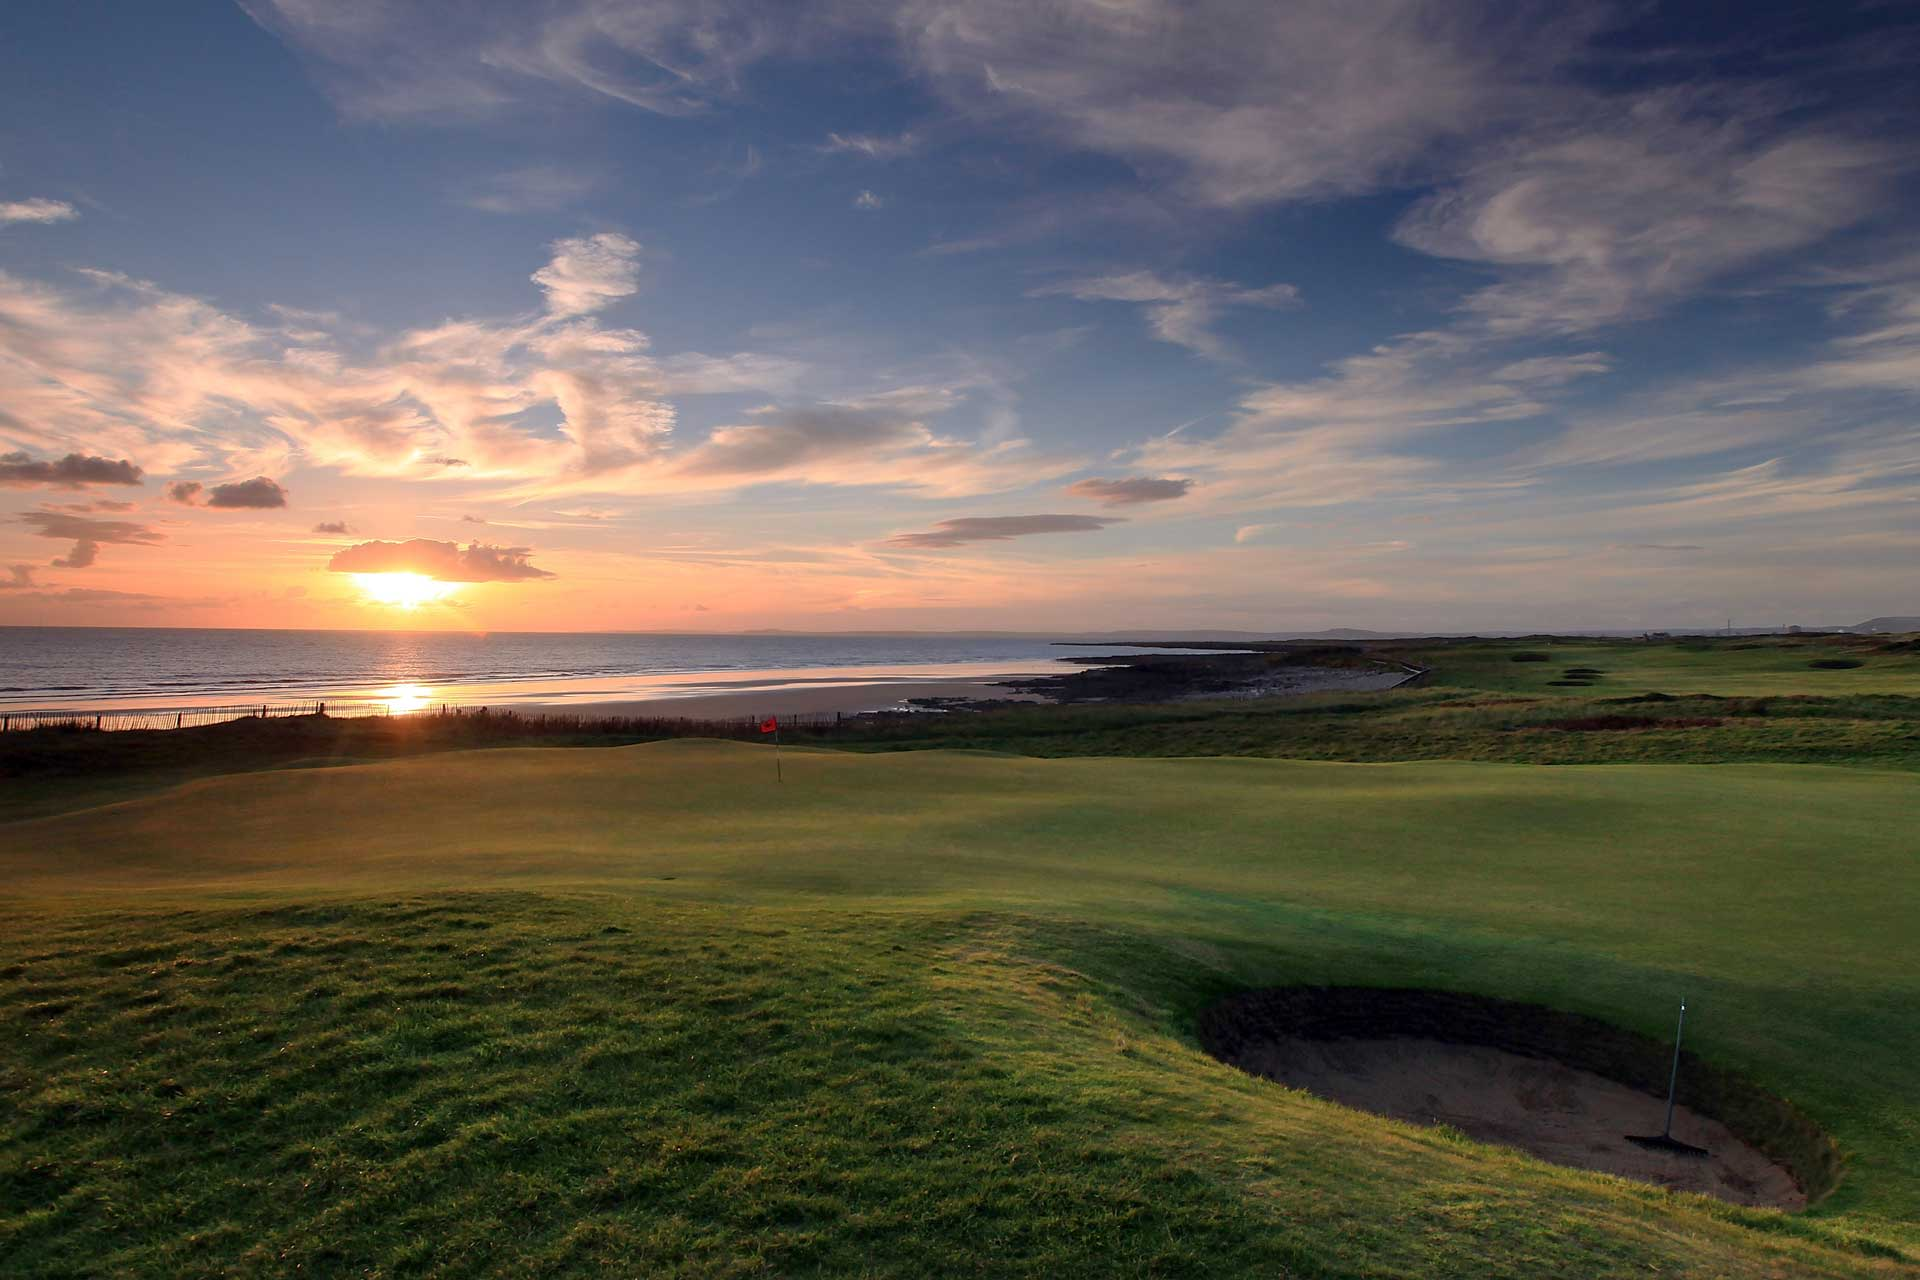 Gosodiad yr haul dros Glwb Golff Brenhinol Porthcawl